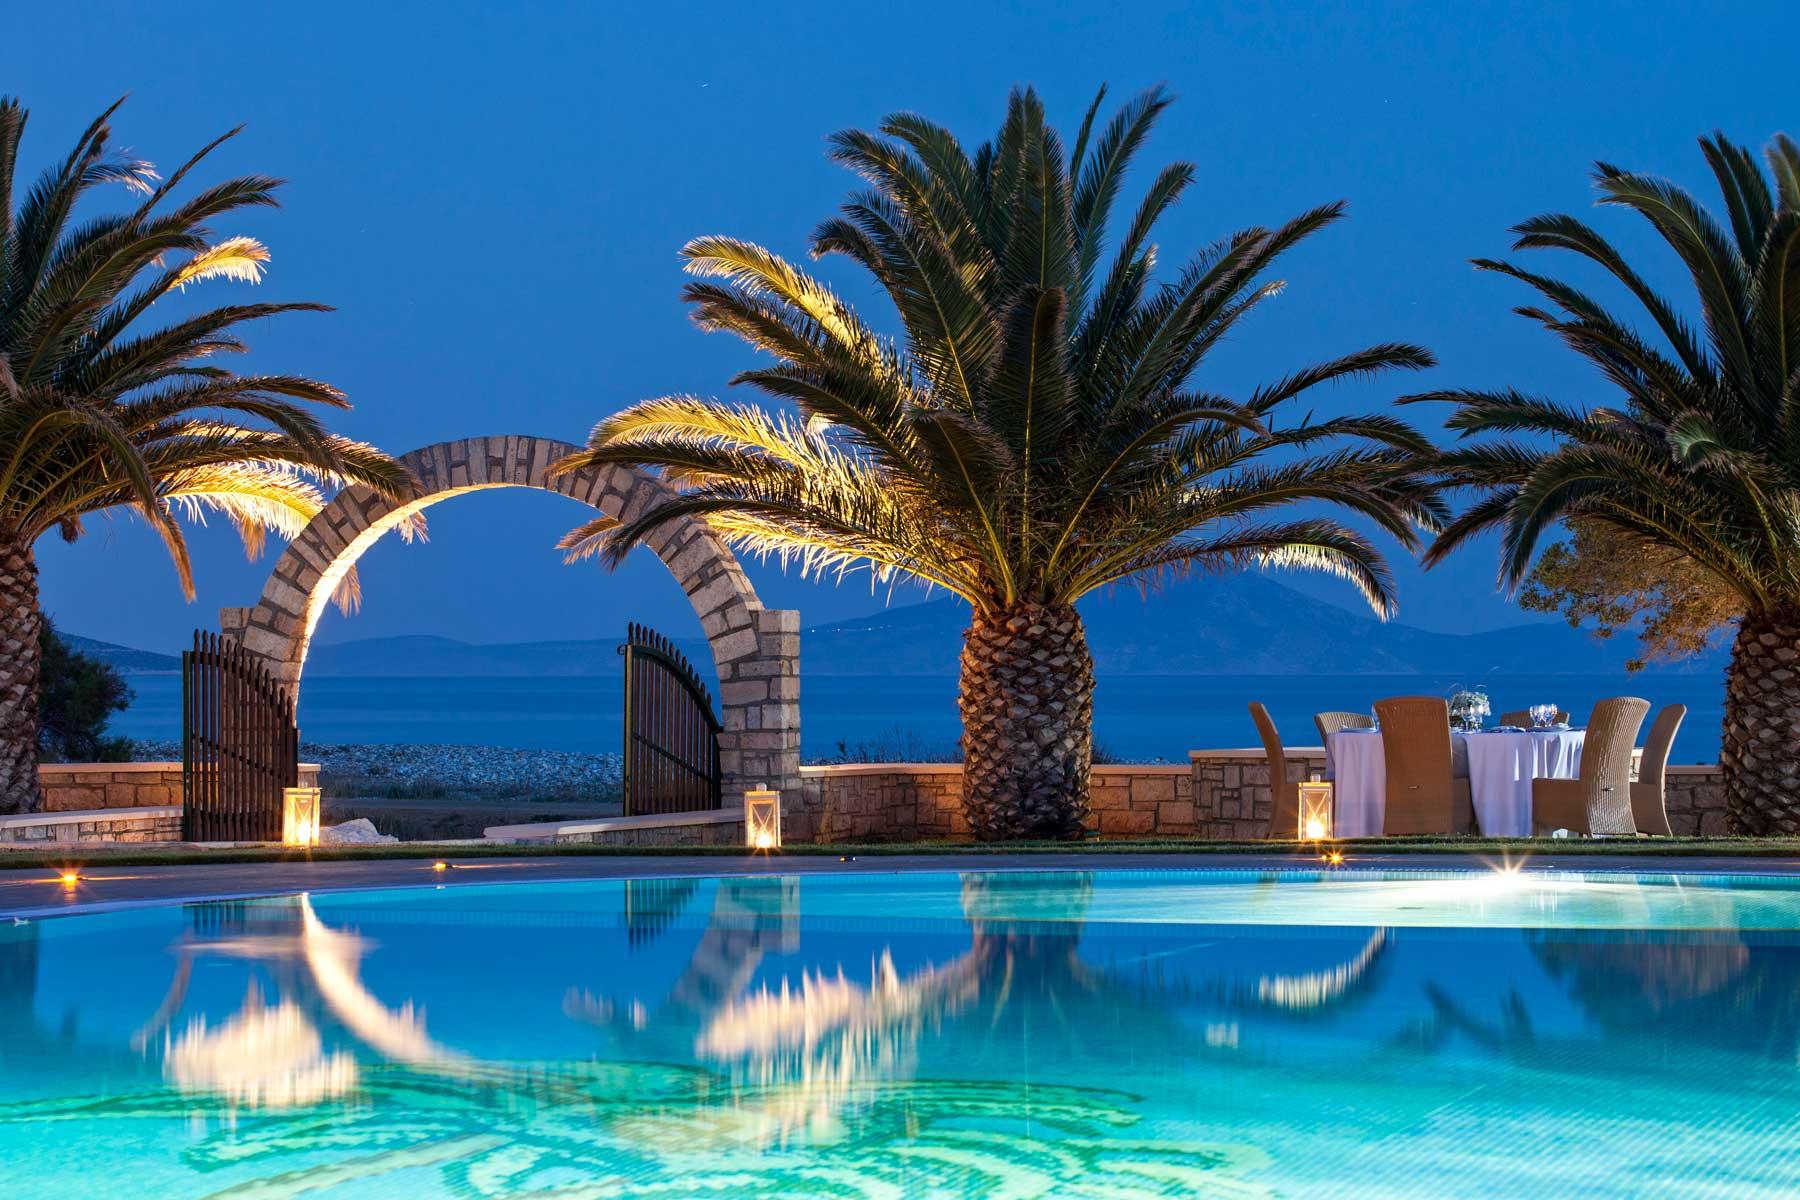 una delas piscinas exteriores con vistas al mar egeo